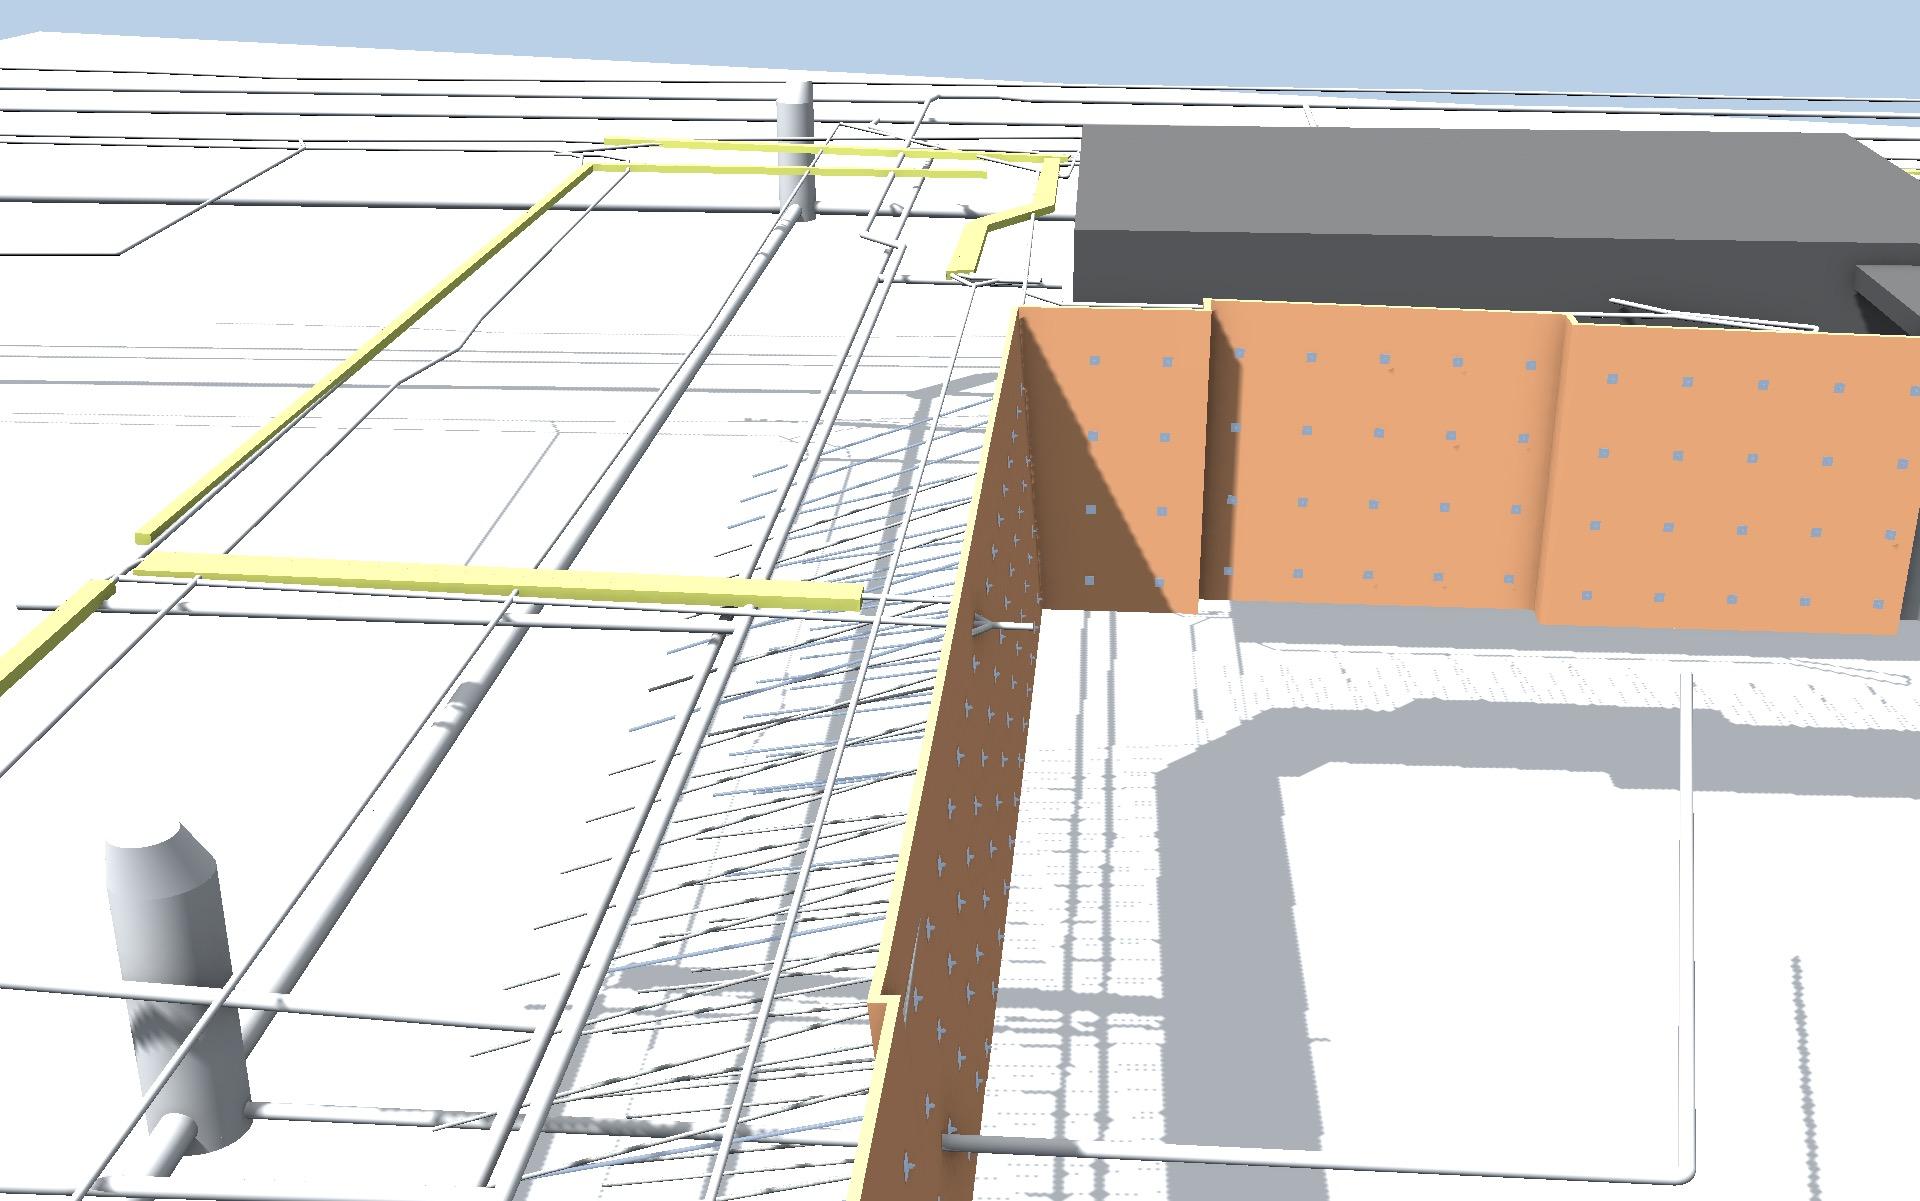 Geotechnisches-Bauwerks-Modell - Spritzbeton-Nagelwand